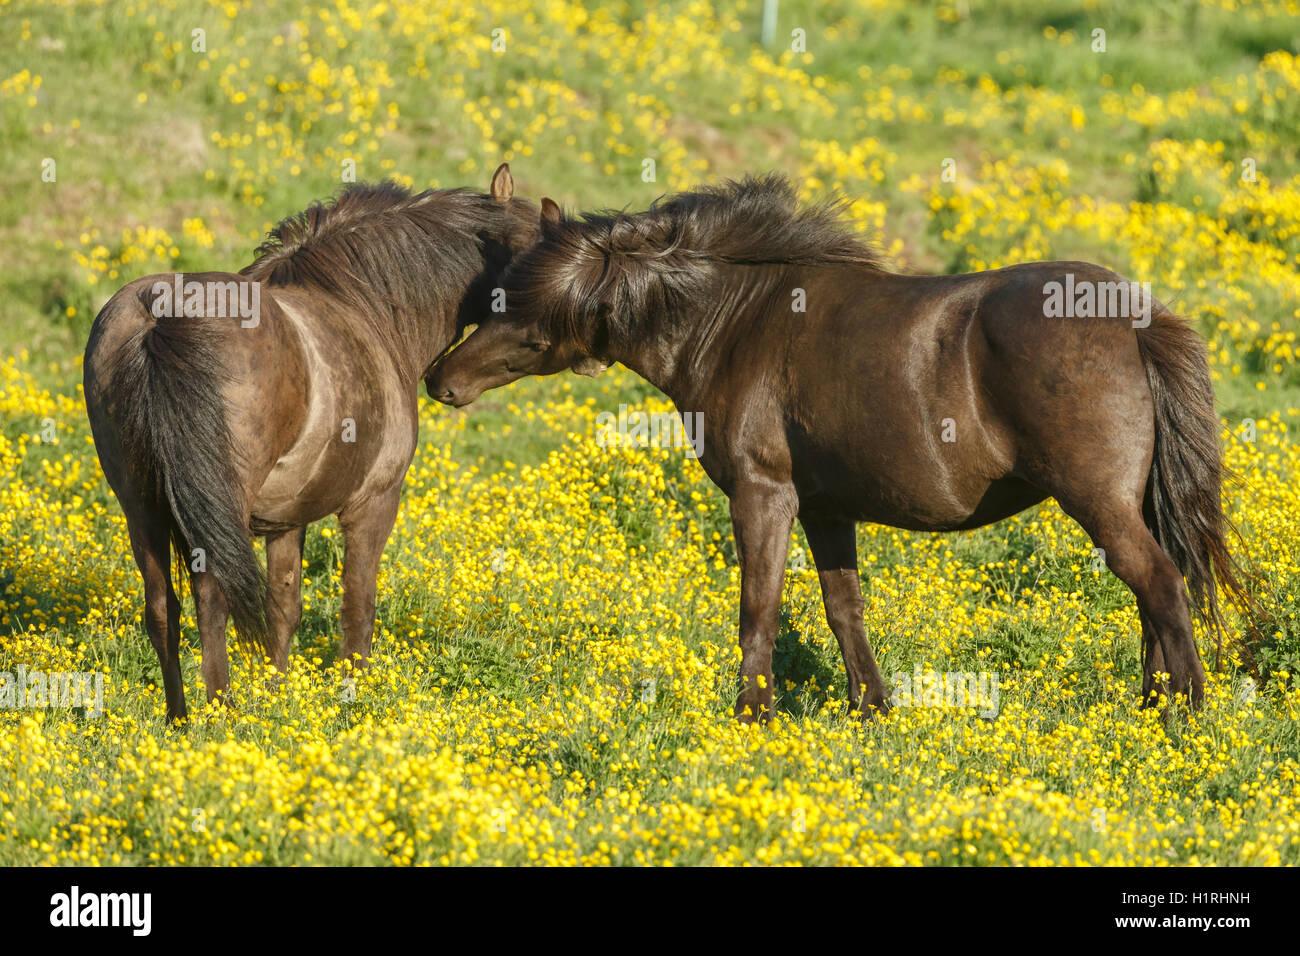 Icelandic horse - Stock Image